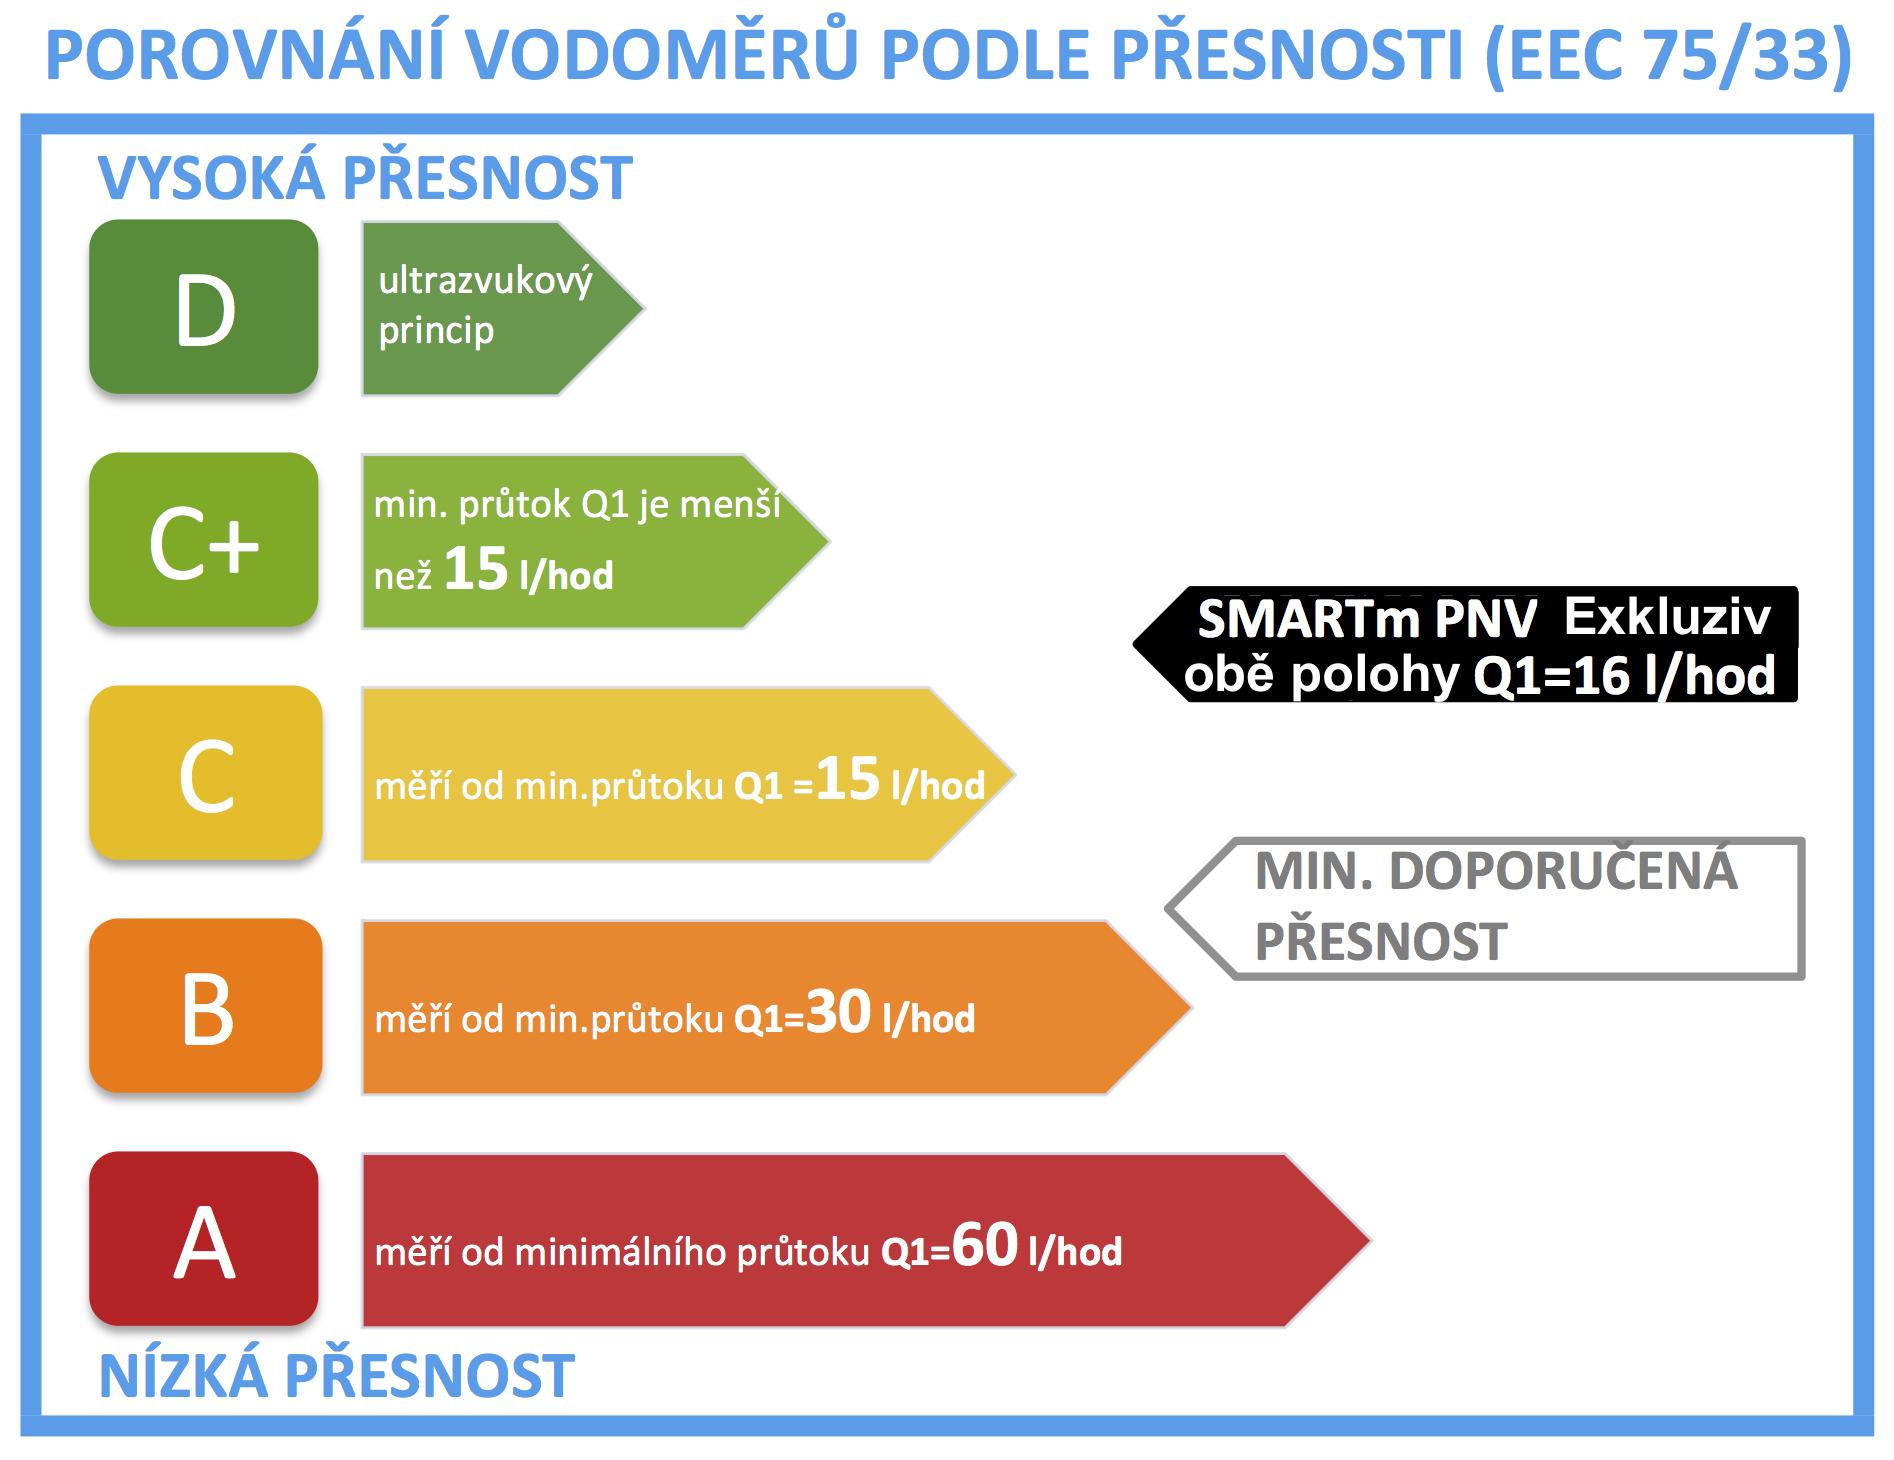 vodoměry SMARTm PNV Exkluziv, štítek